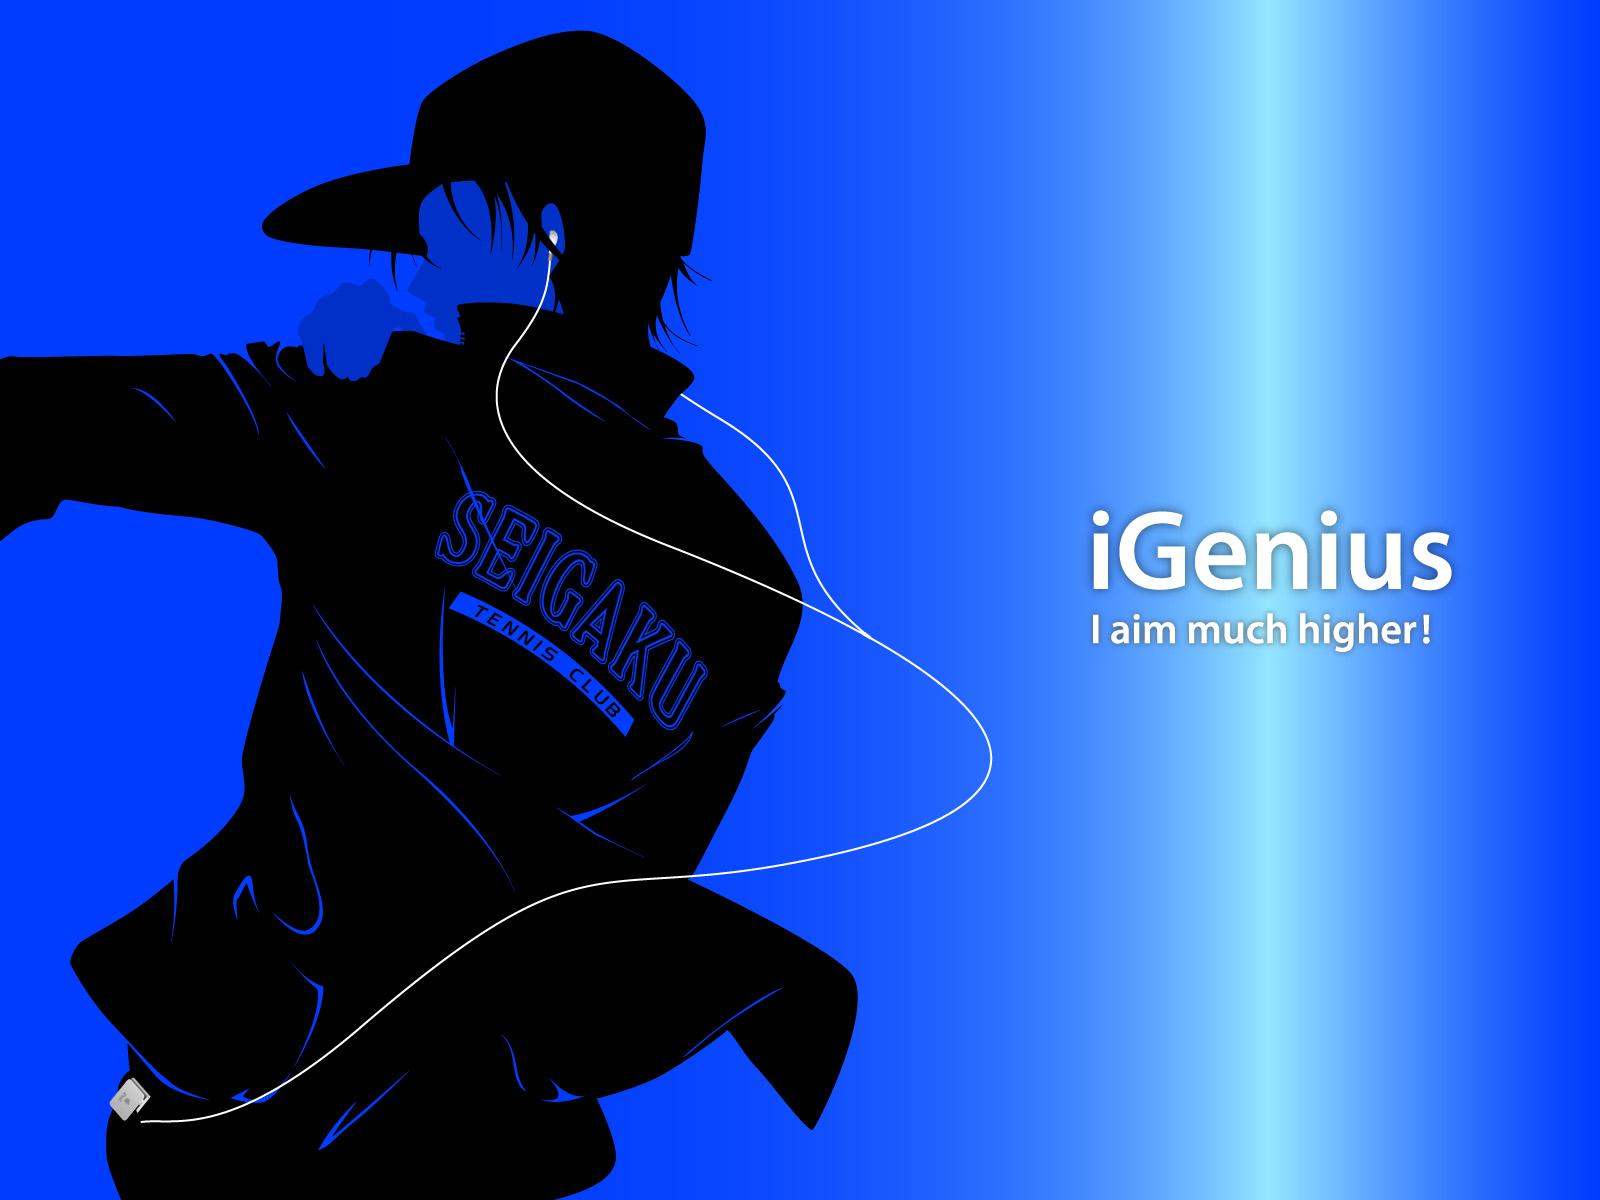 壁紙 Ipod編 ヒキコモリからの卒業 しました 楽天ブログ